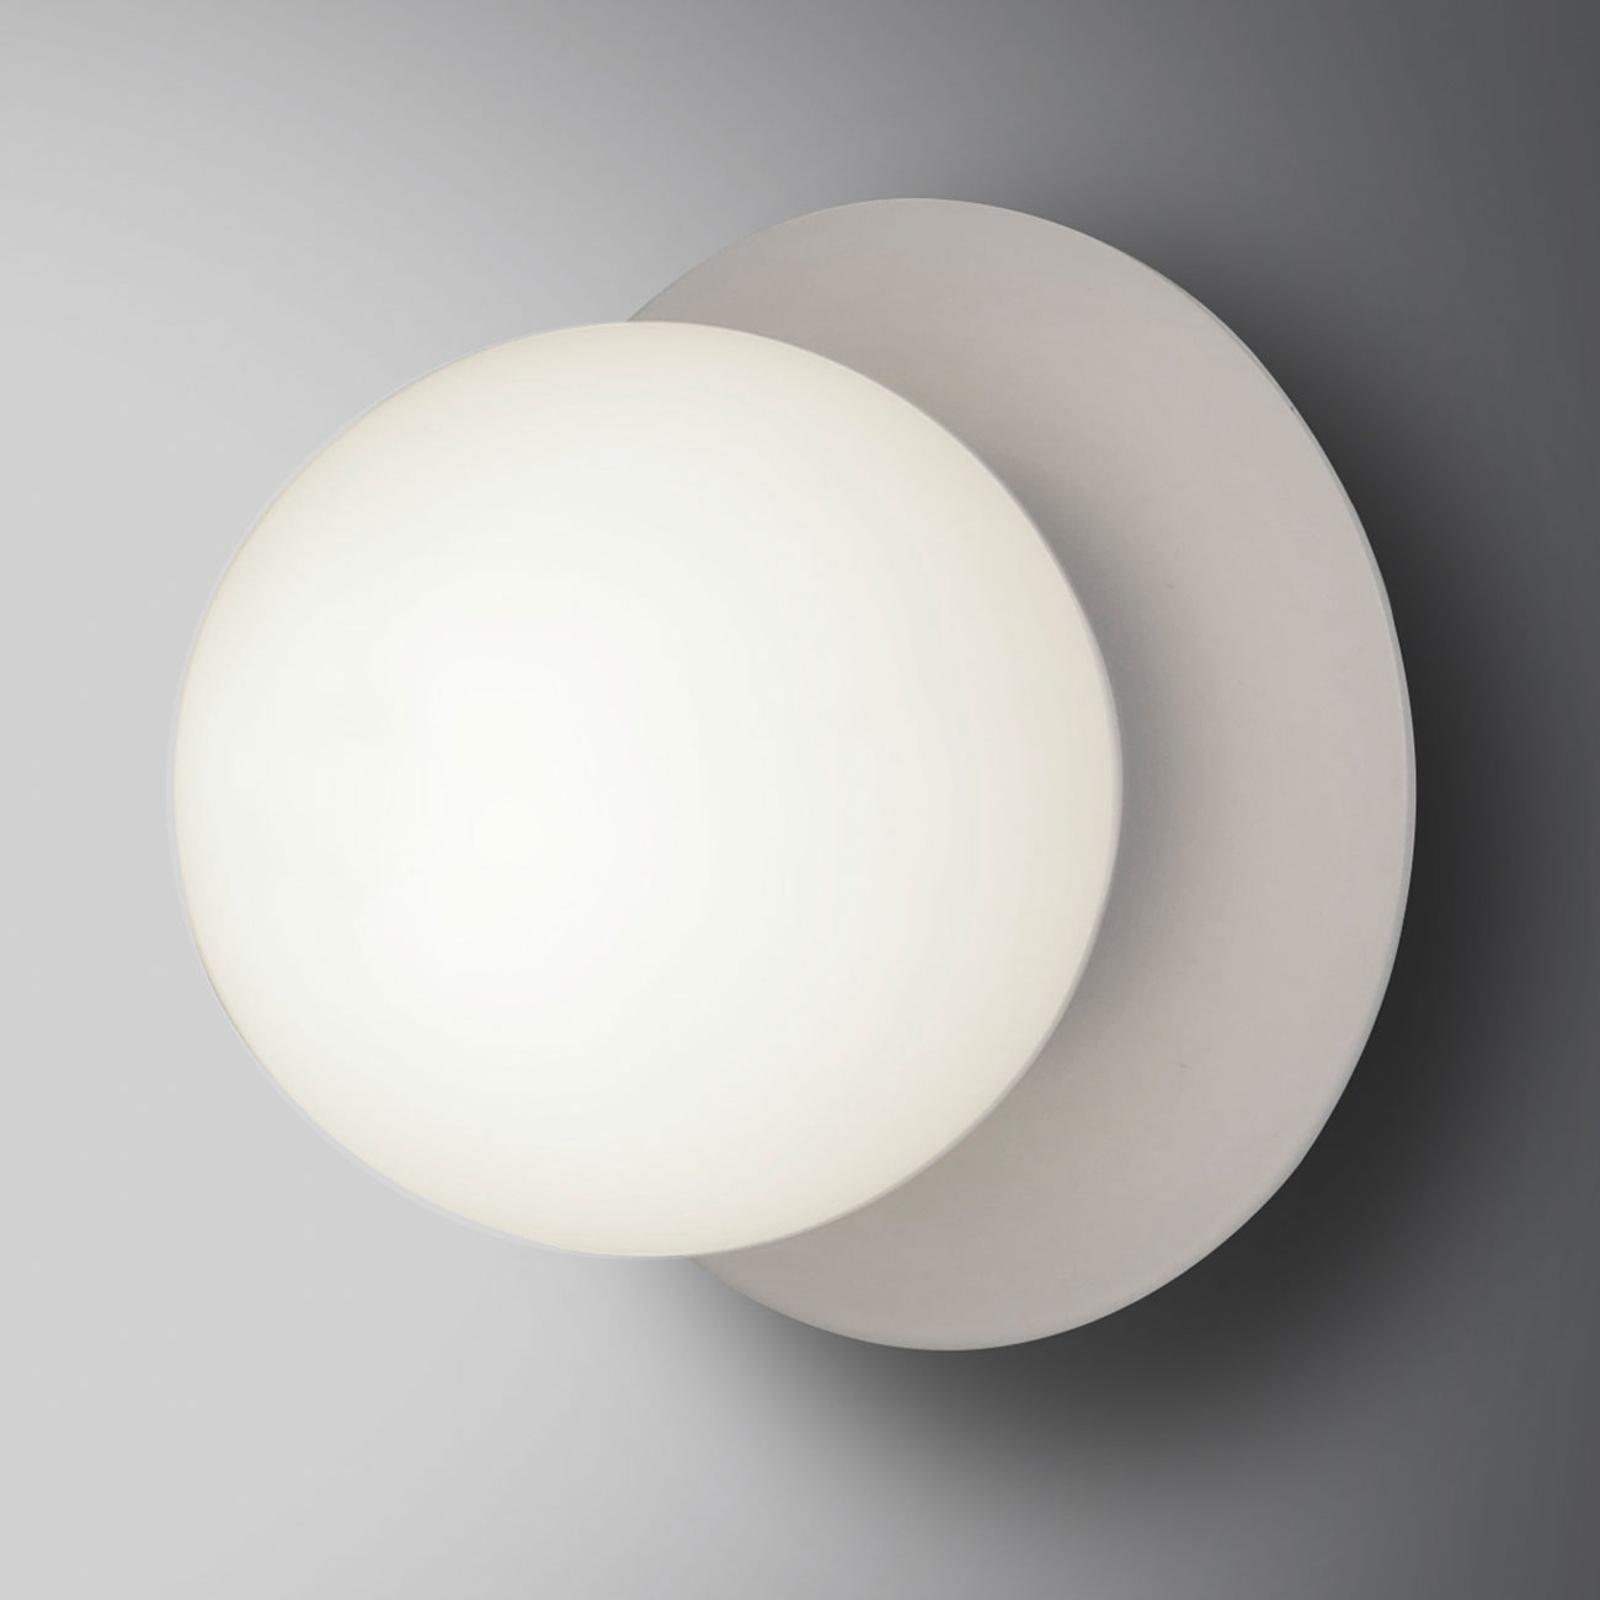 Wandlamp Minerva K1 met witte metaalrand